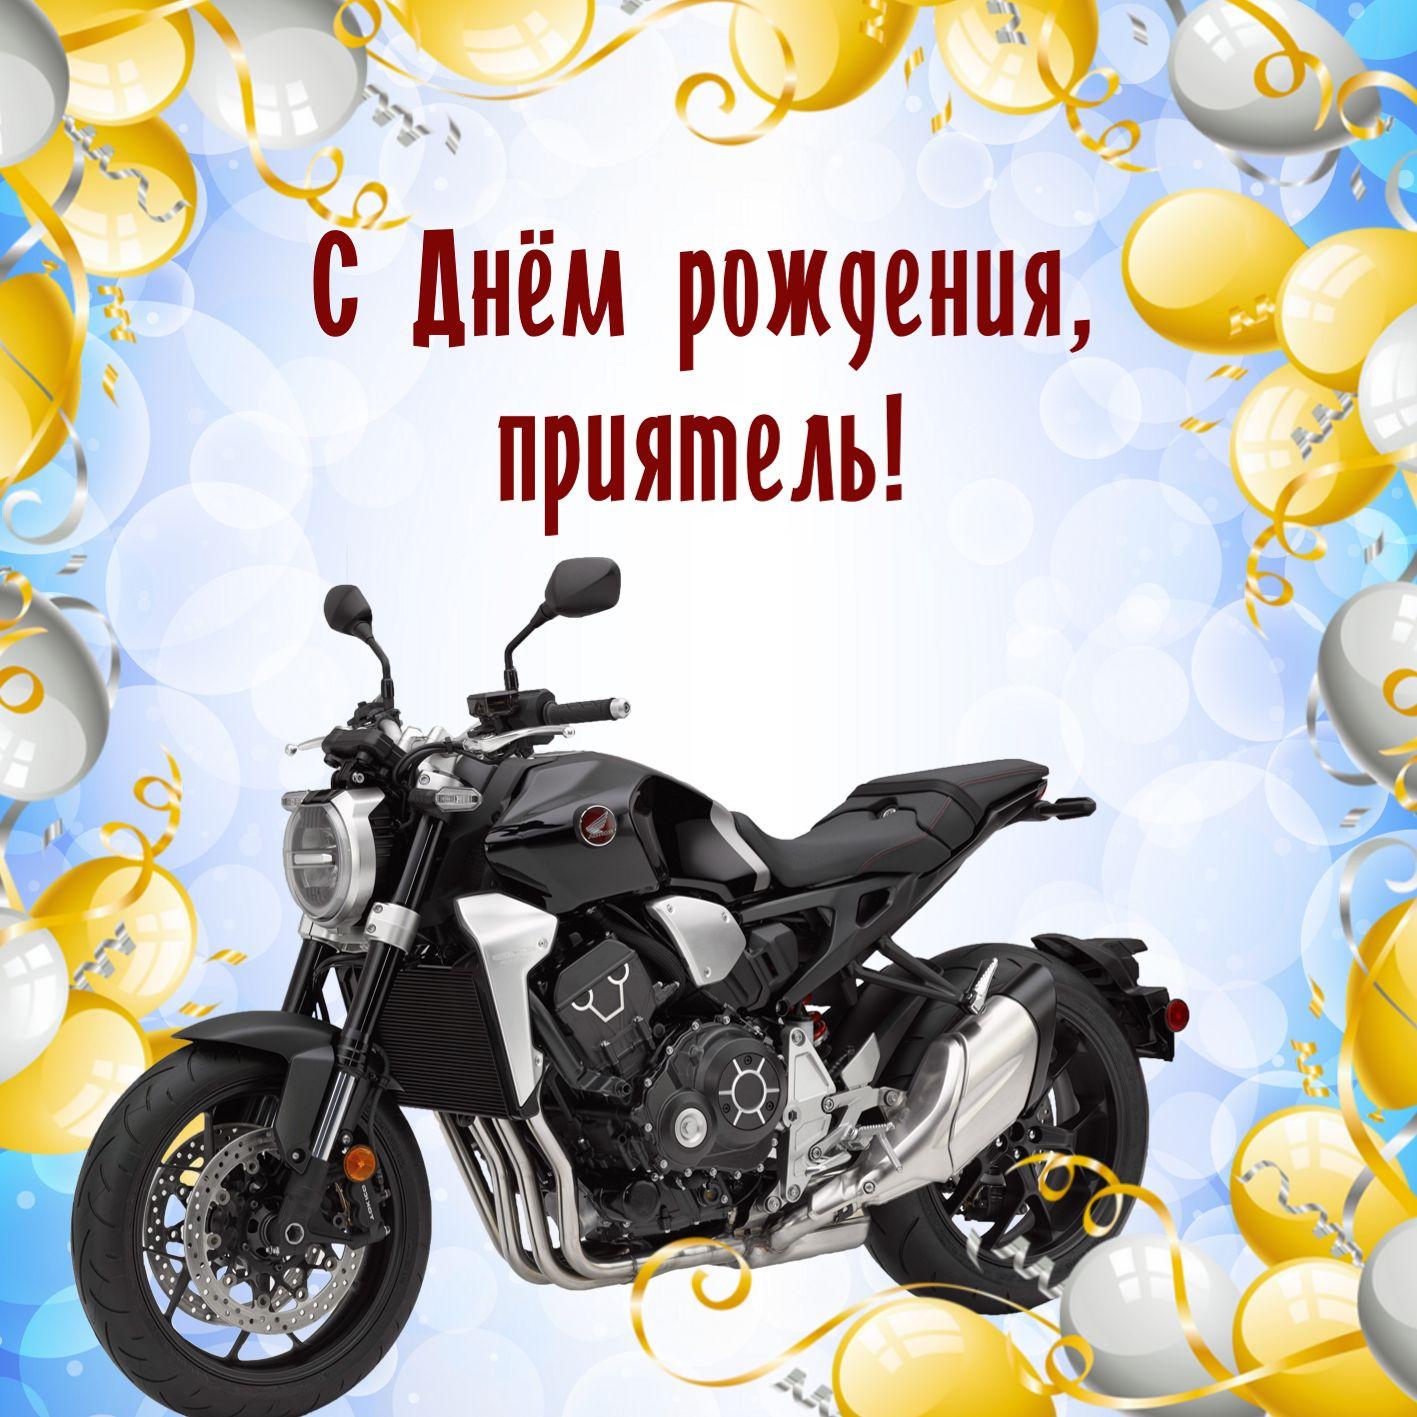 Открытка другу на День рождения - красивый мотоцикл в рамке из шариков